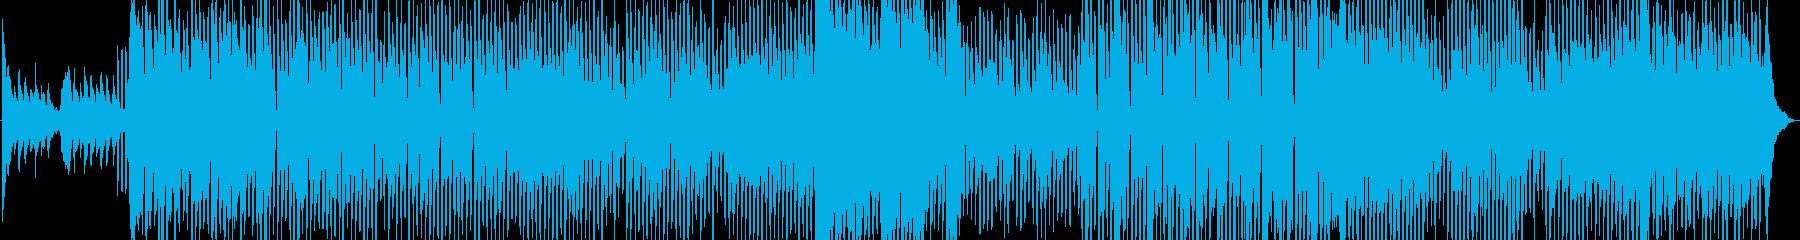 春に聴くテクノポップの再生済みの波形